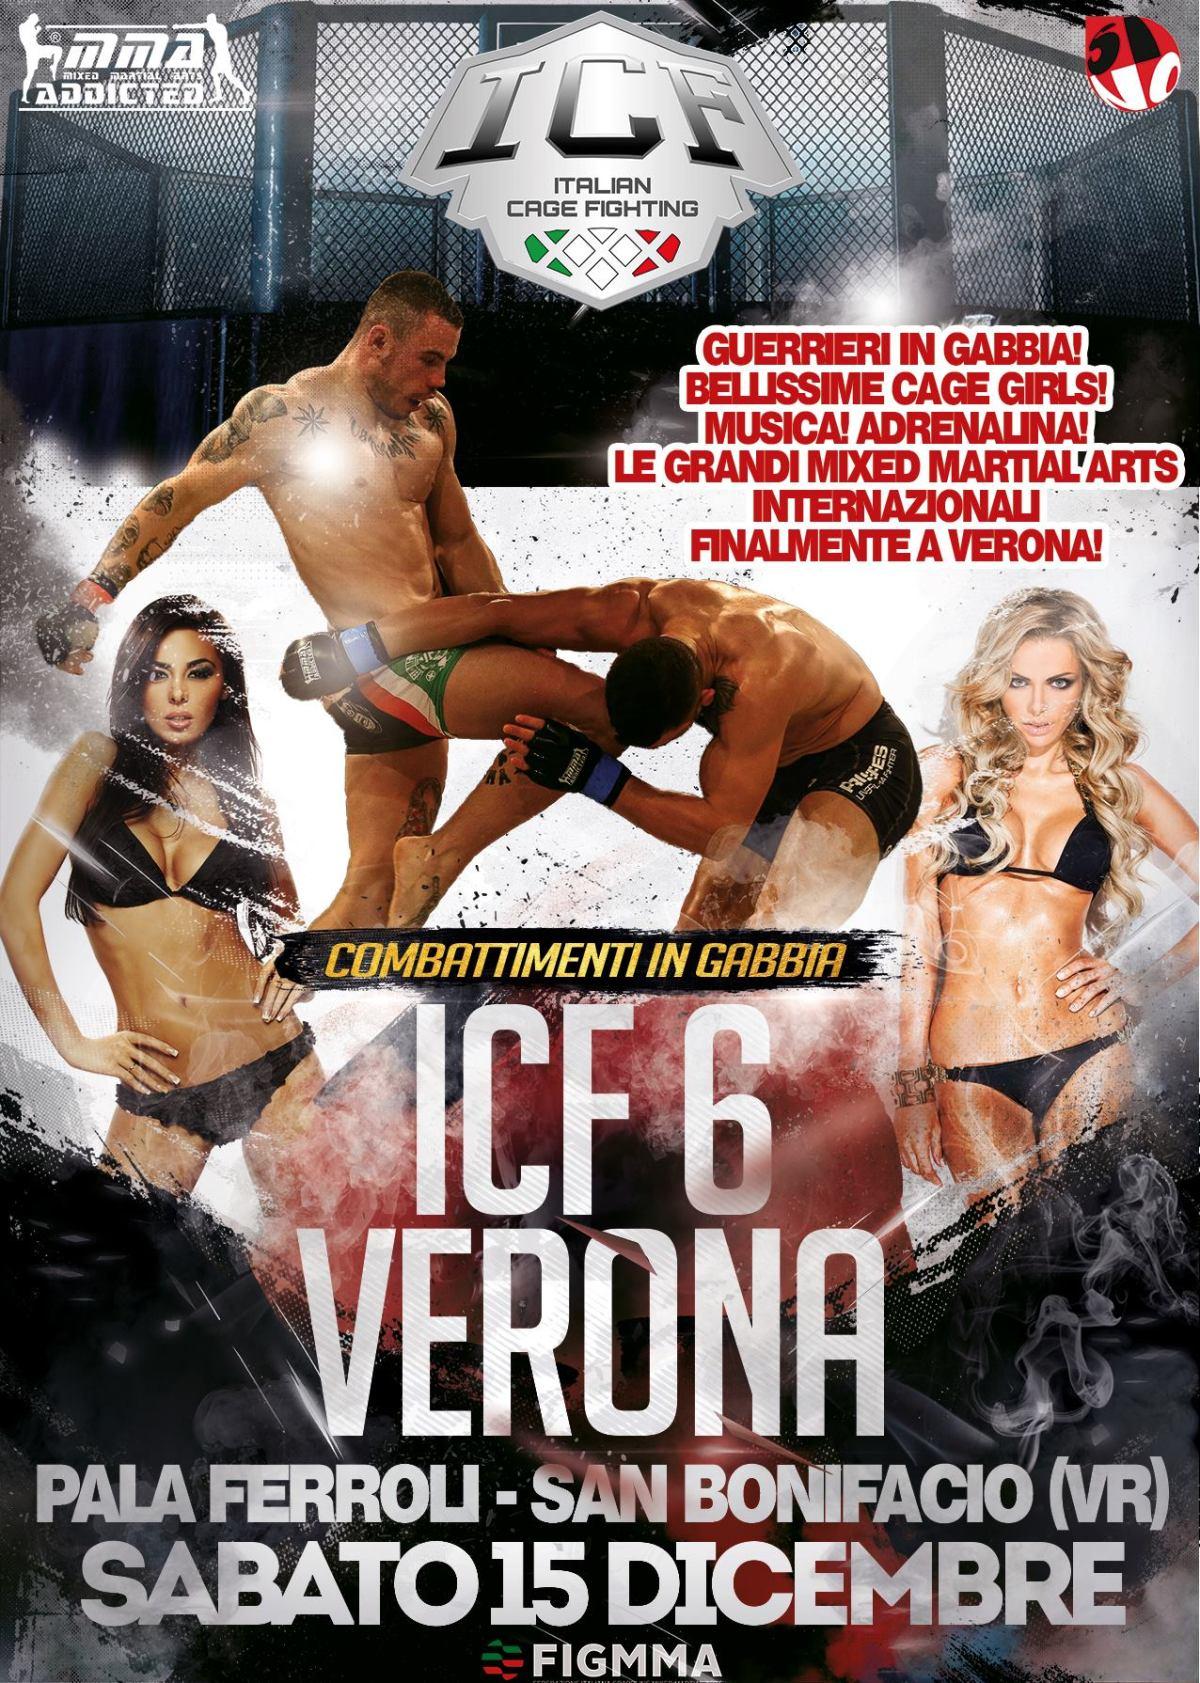 ICF 6 Verona, annunciati 4 matchtitolati